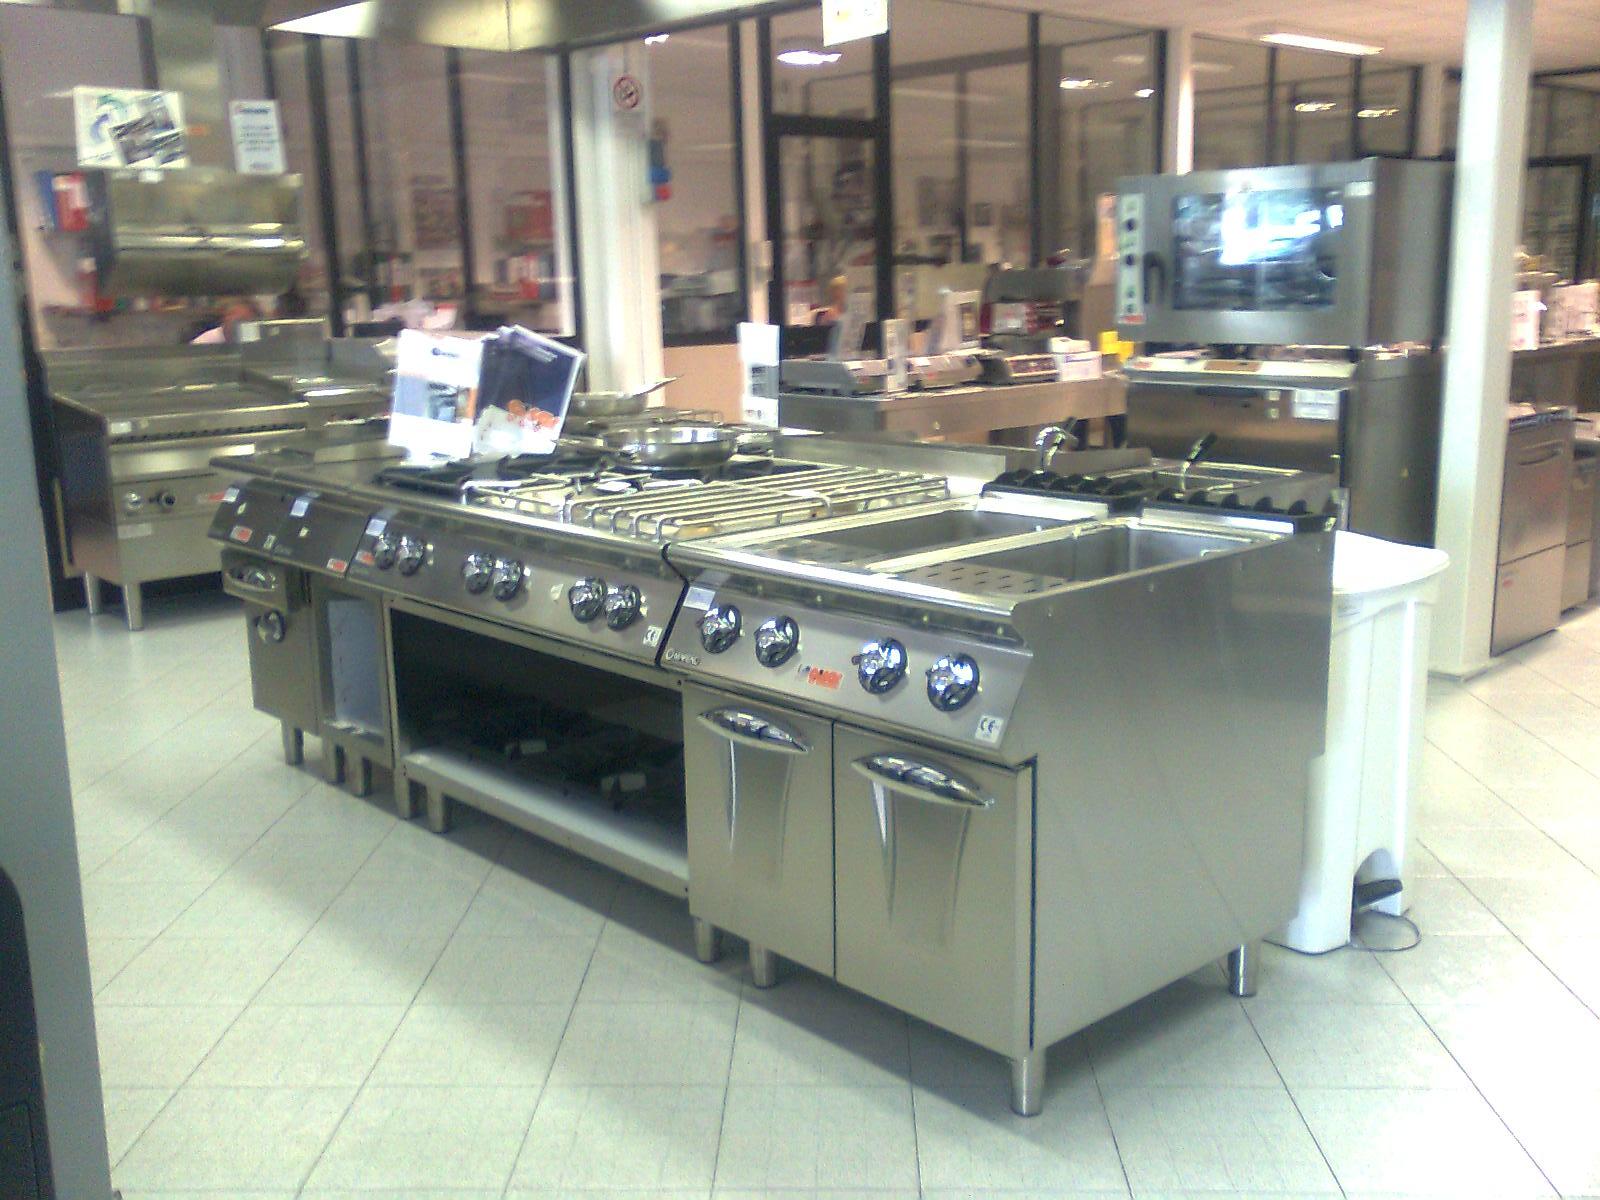 Cucine Per Ristorazione Usate.Forno Rotor Cucina Attrezzature Per La Ristorazione Usate